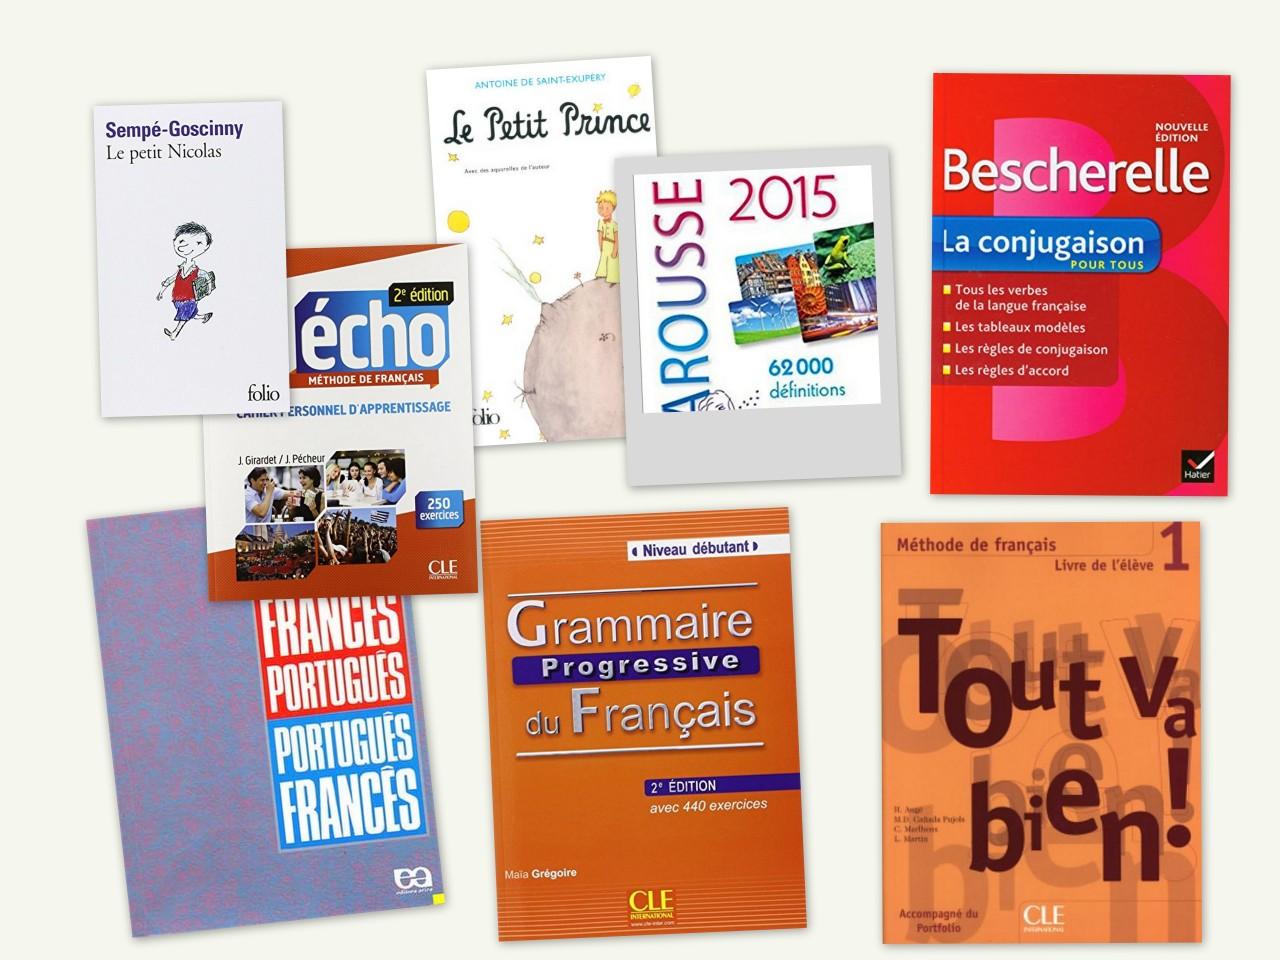 Livros recomendados para aprender francês sozinho (e os equivalentes online)